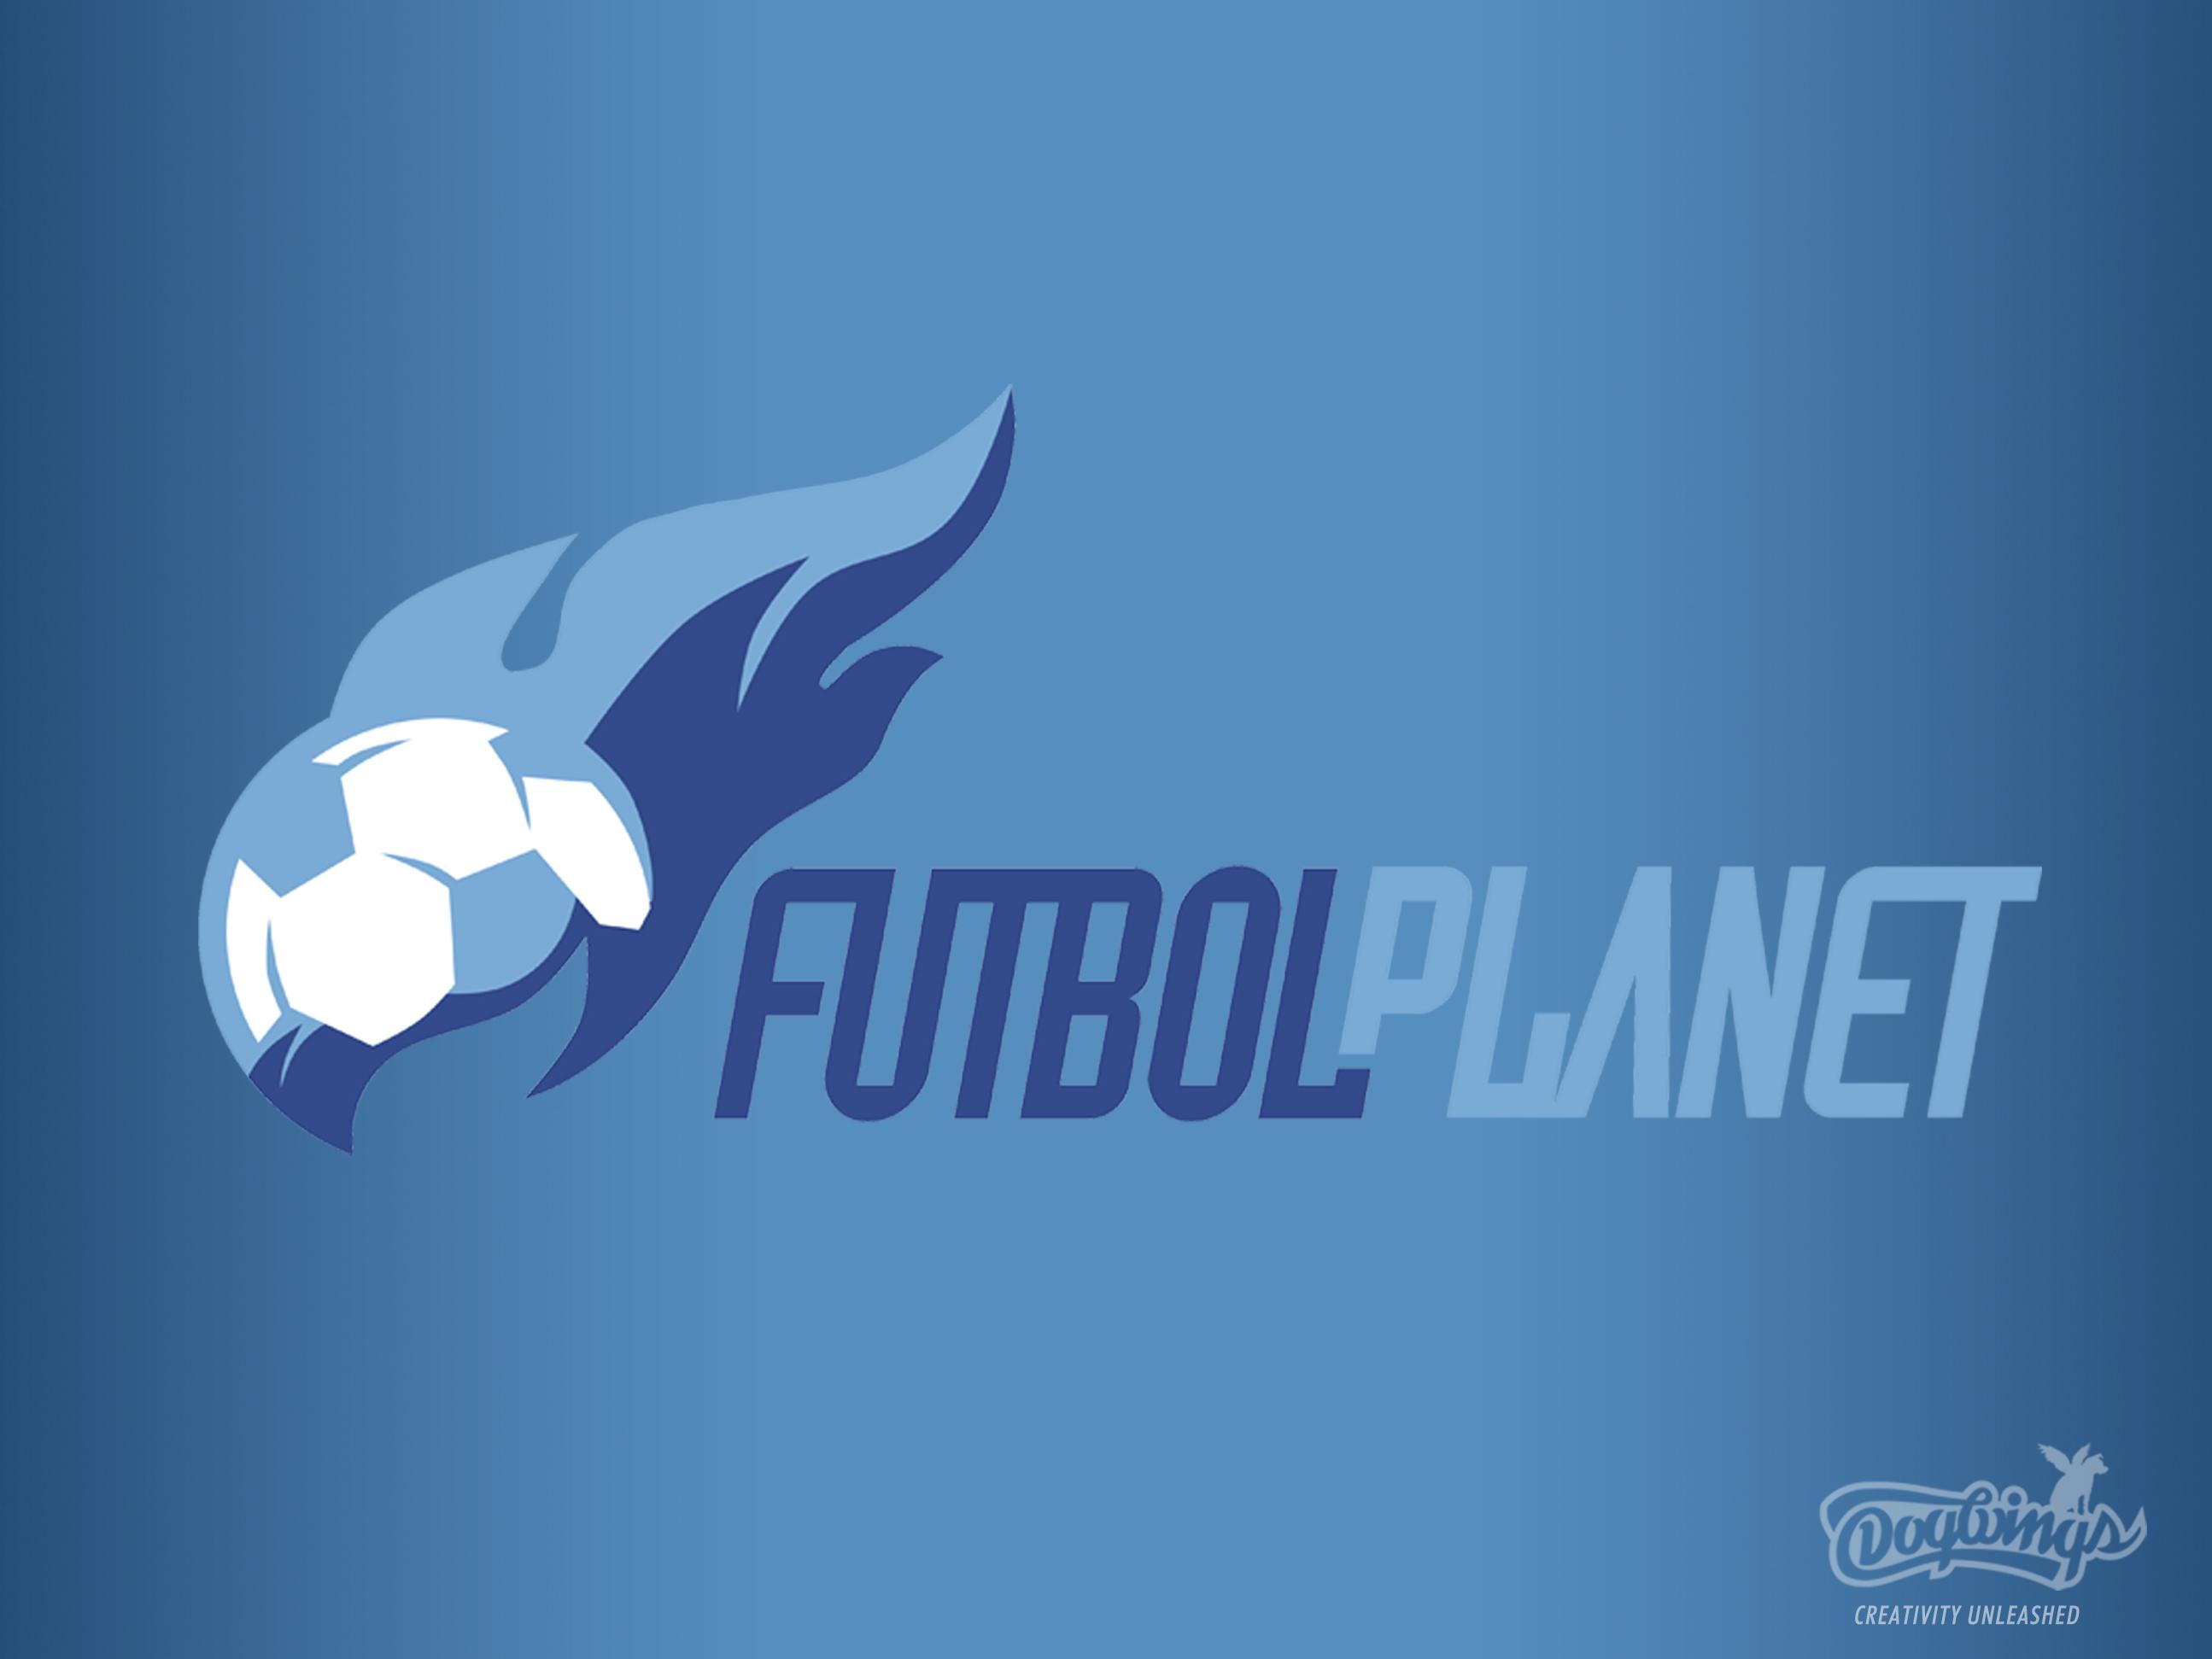 Futbol planet3